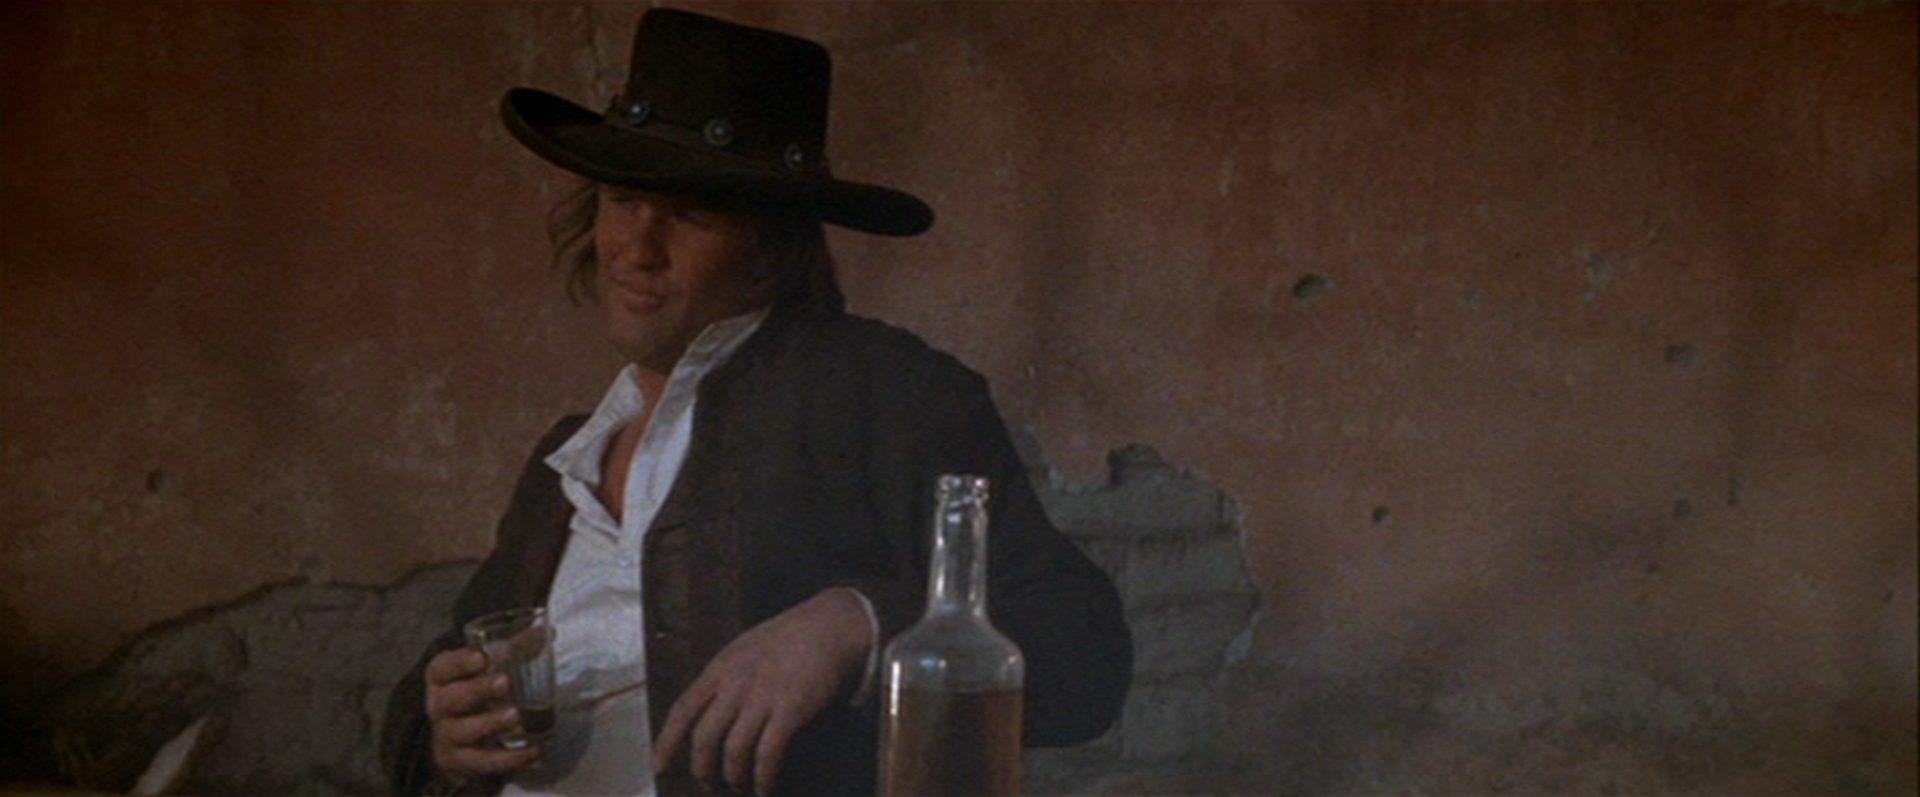 Kris Kristofferson als Billy the Kid, der lässig mit einem Drink in der Hand vor einer maroden Wand sitzt.